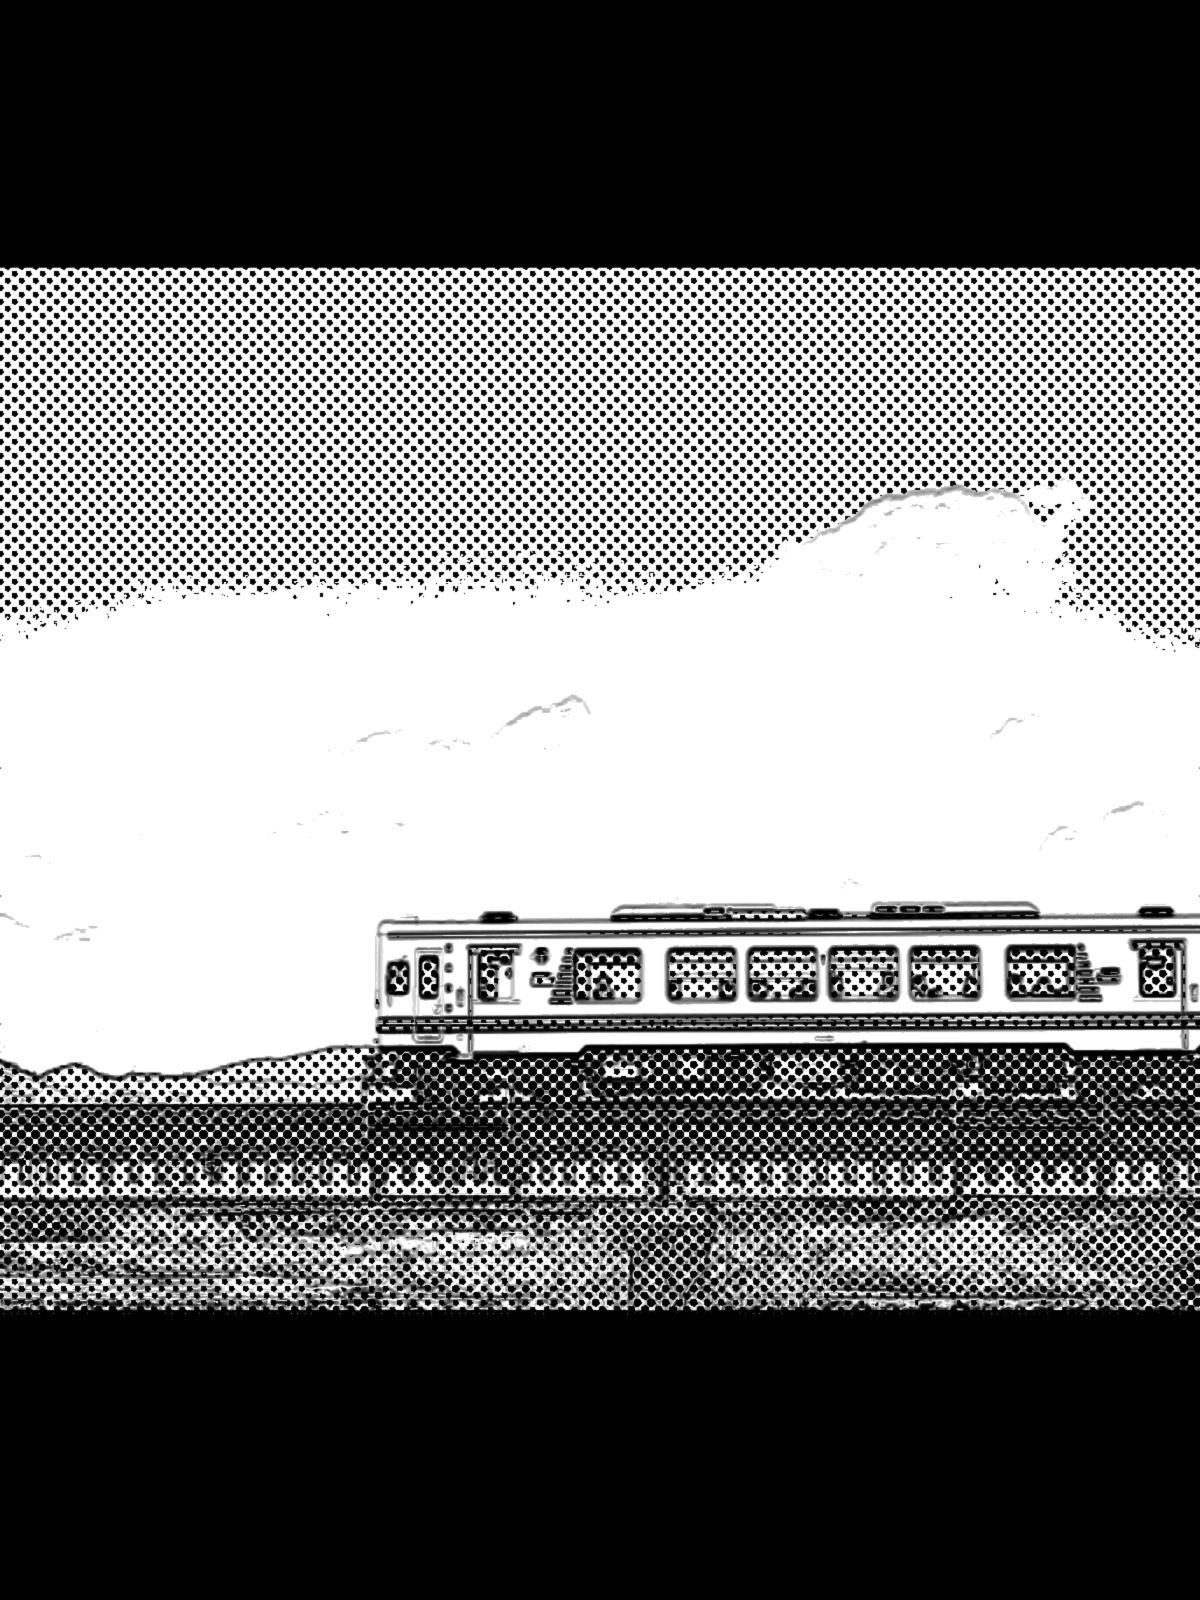 Hasshaku-sama to Boku no Paizuri Memories 100